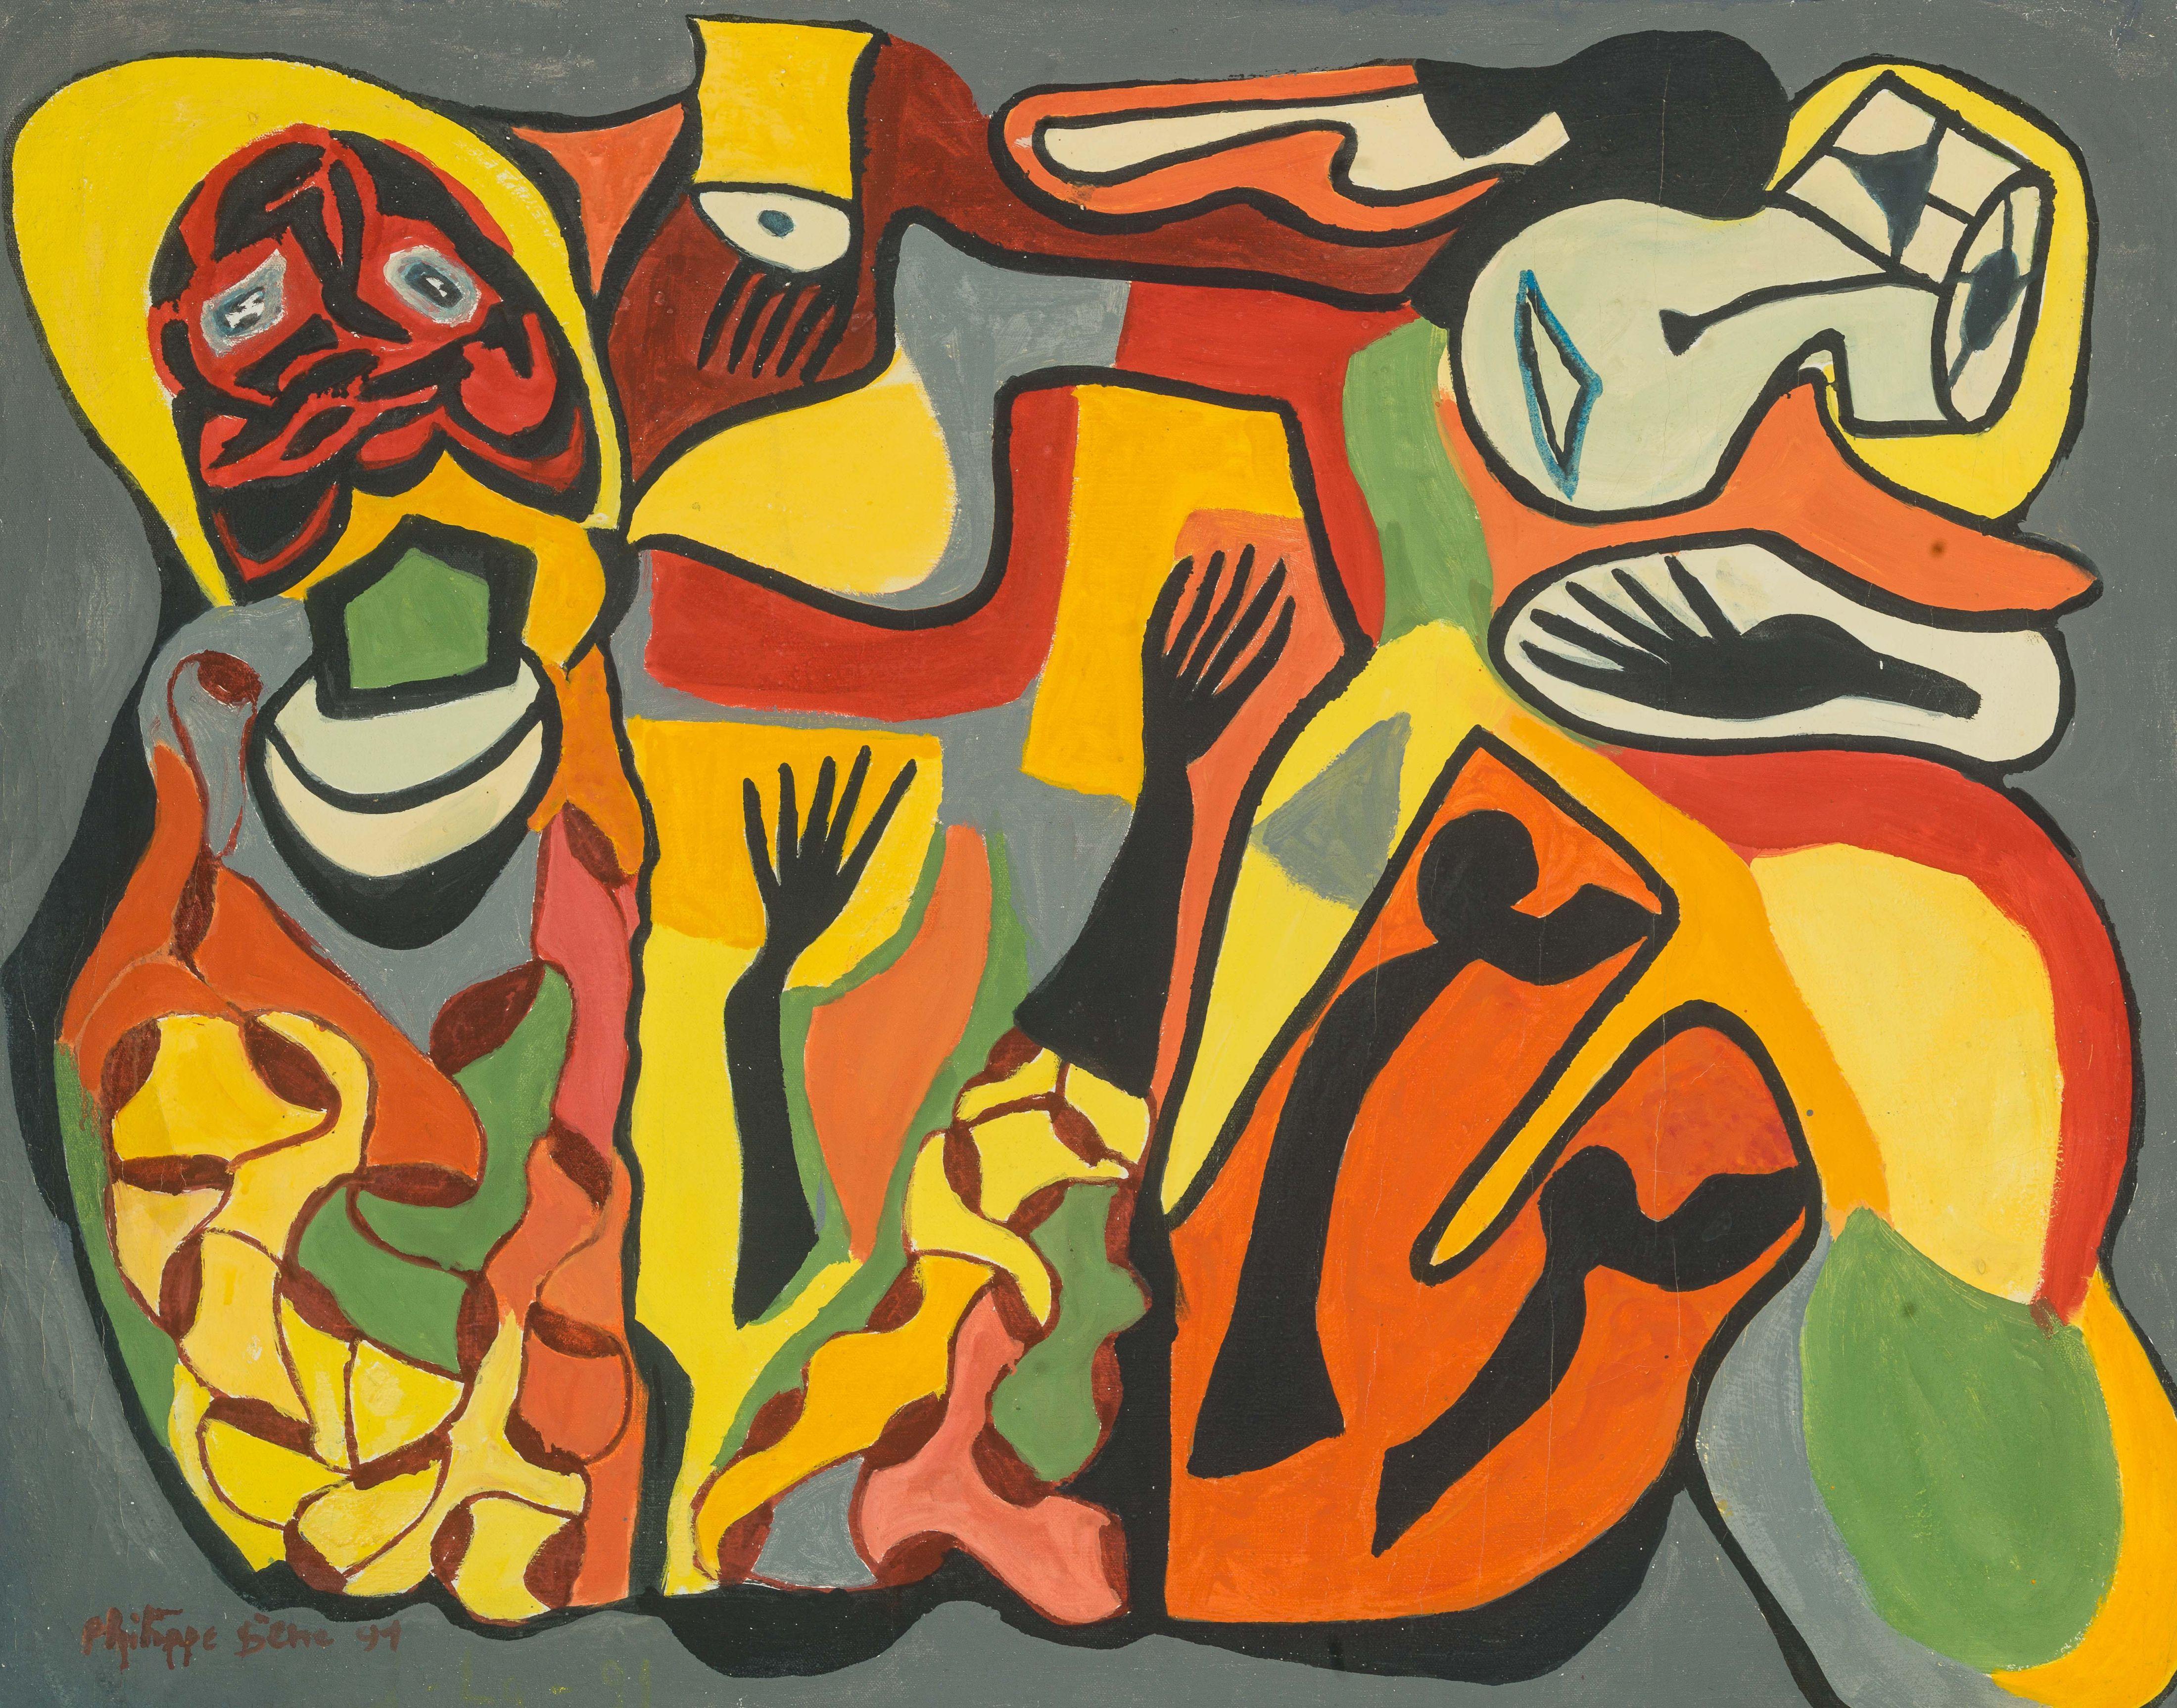 Philippe SÈNE né en 1945 - Sénégal Le connaisseur des rêves, 1991 Huile sur toile